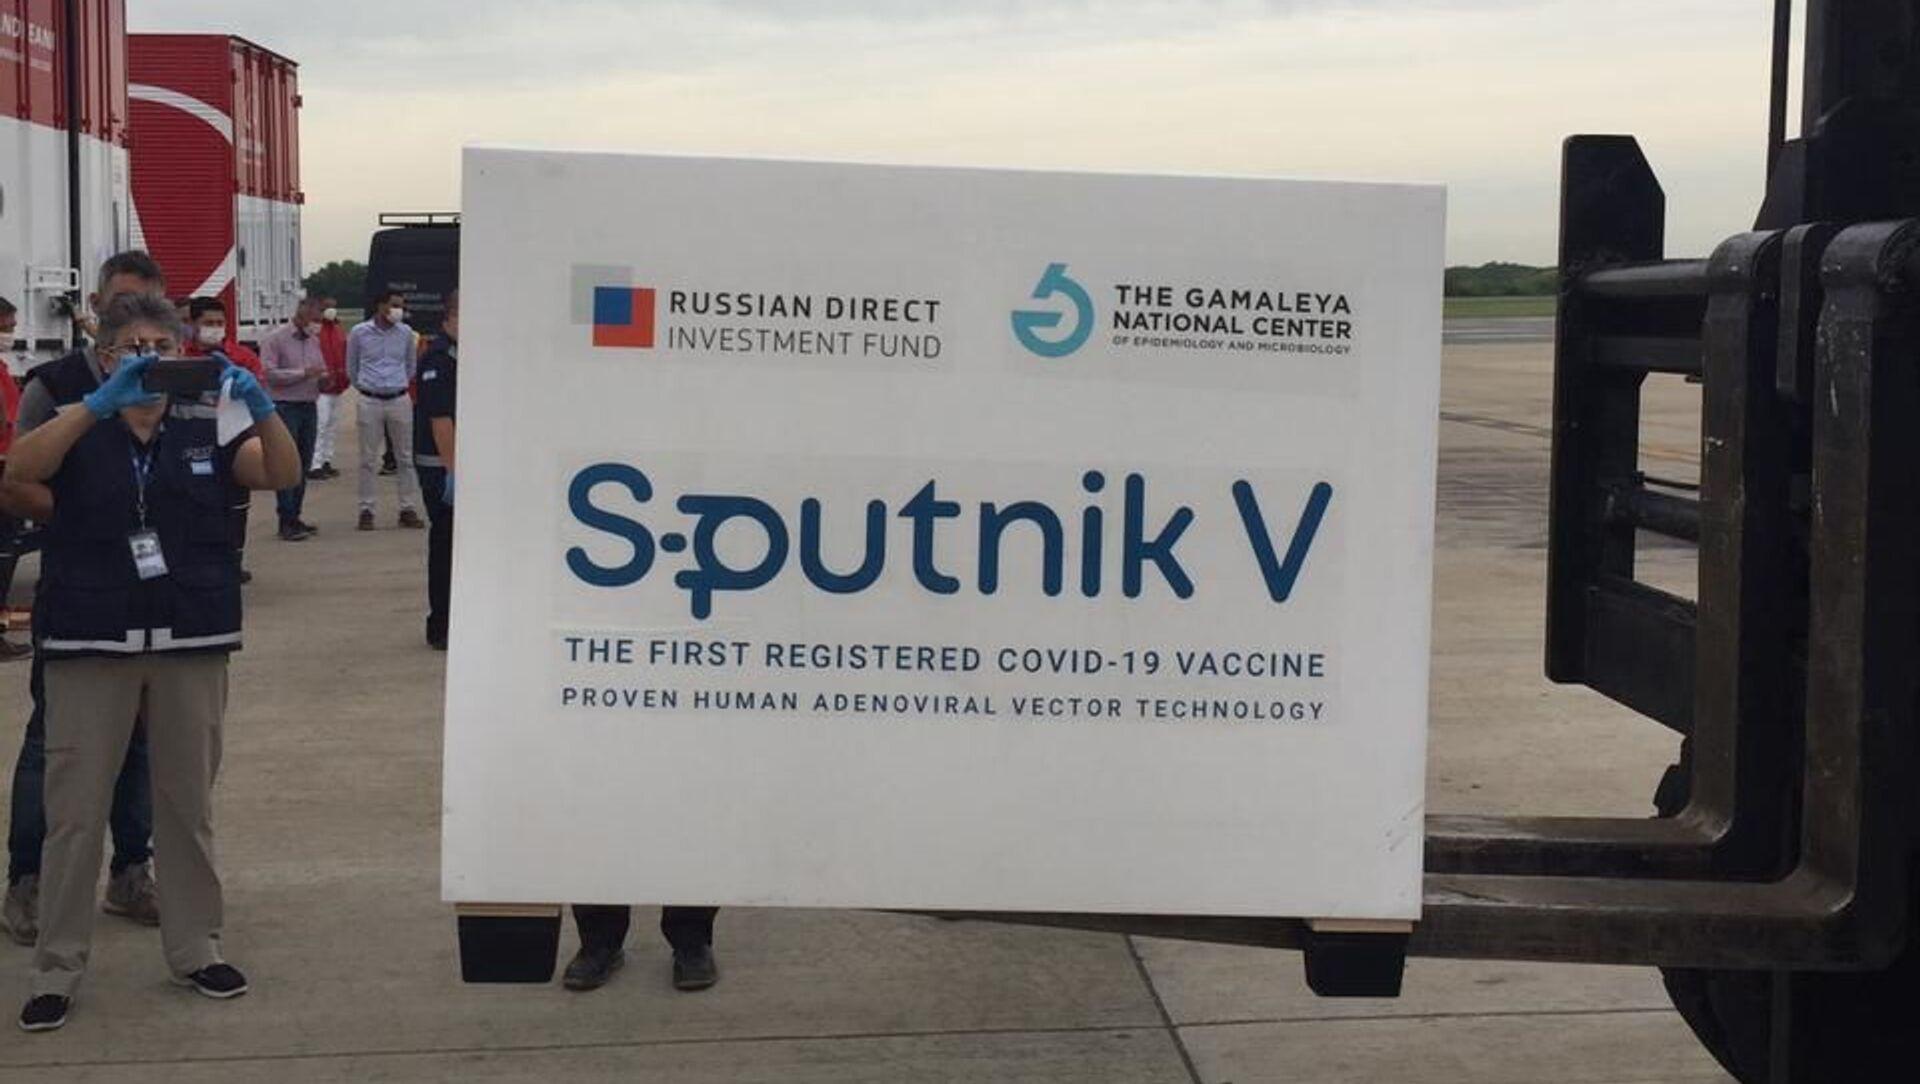 Pakovanje ruske vakcine protiv kovida Sputnjik Ve - Sputnik Srbija, 1920, 16.02.2021